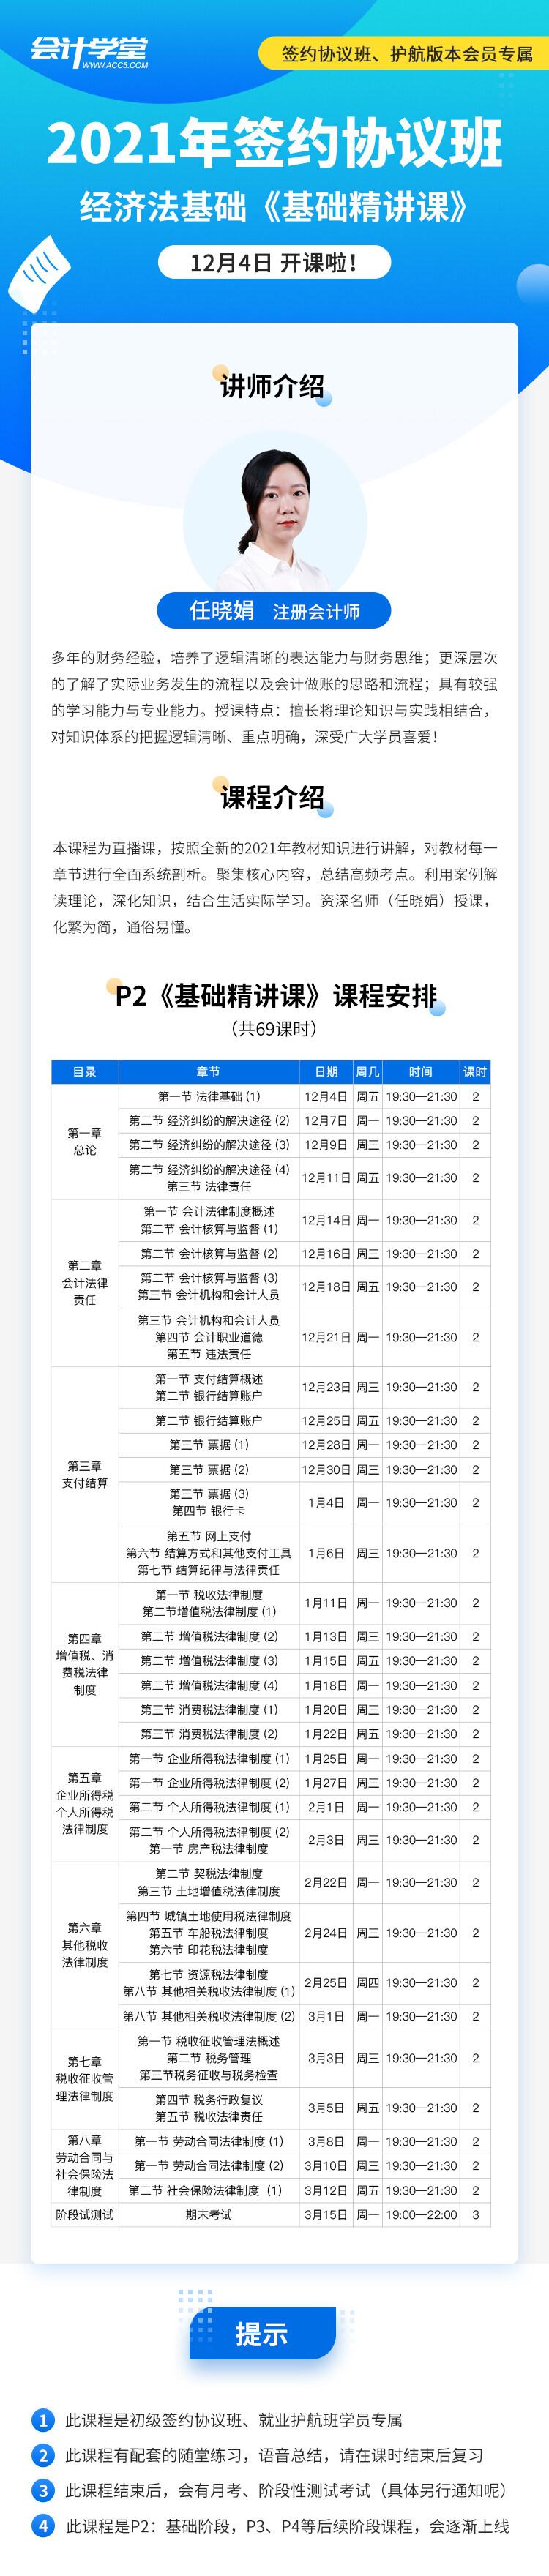 任曉娟初級經濟法基礎精講課(3).jpg